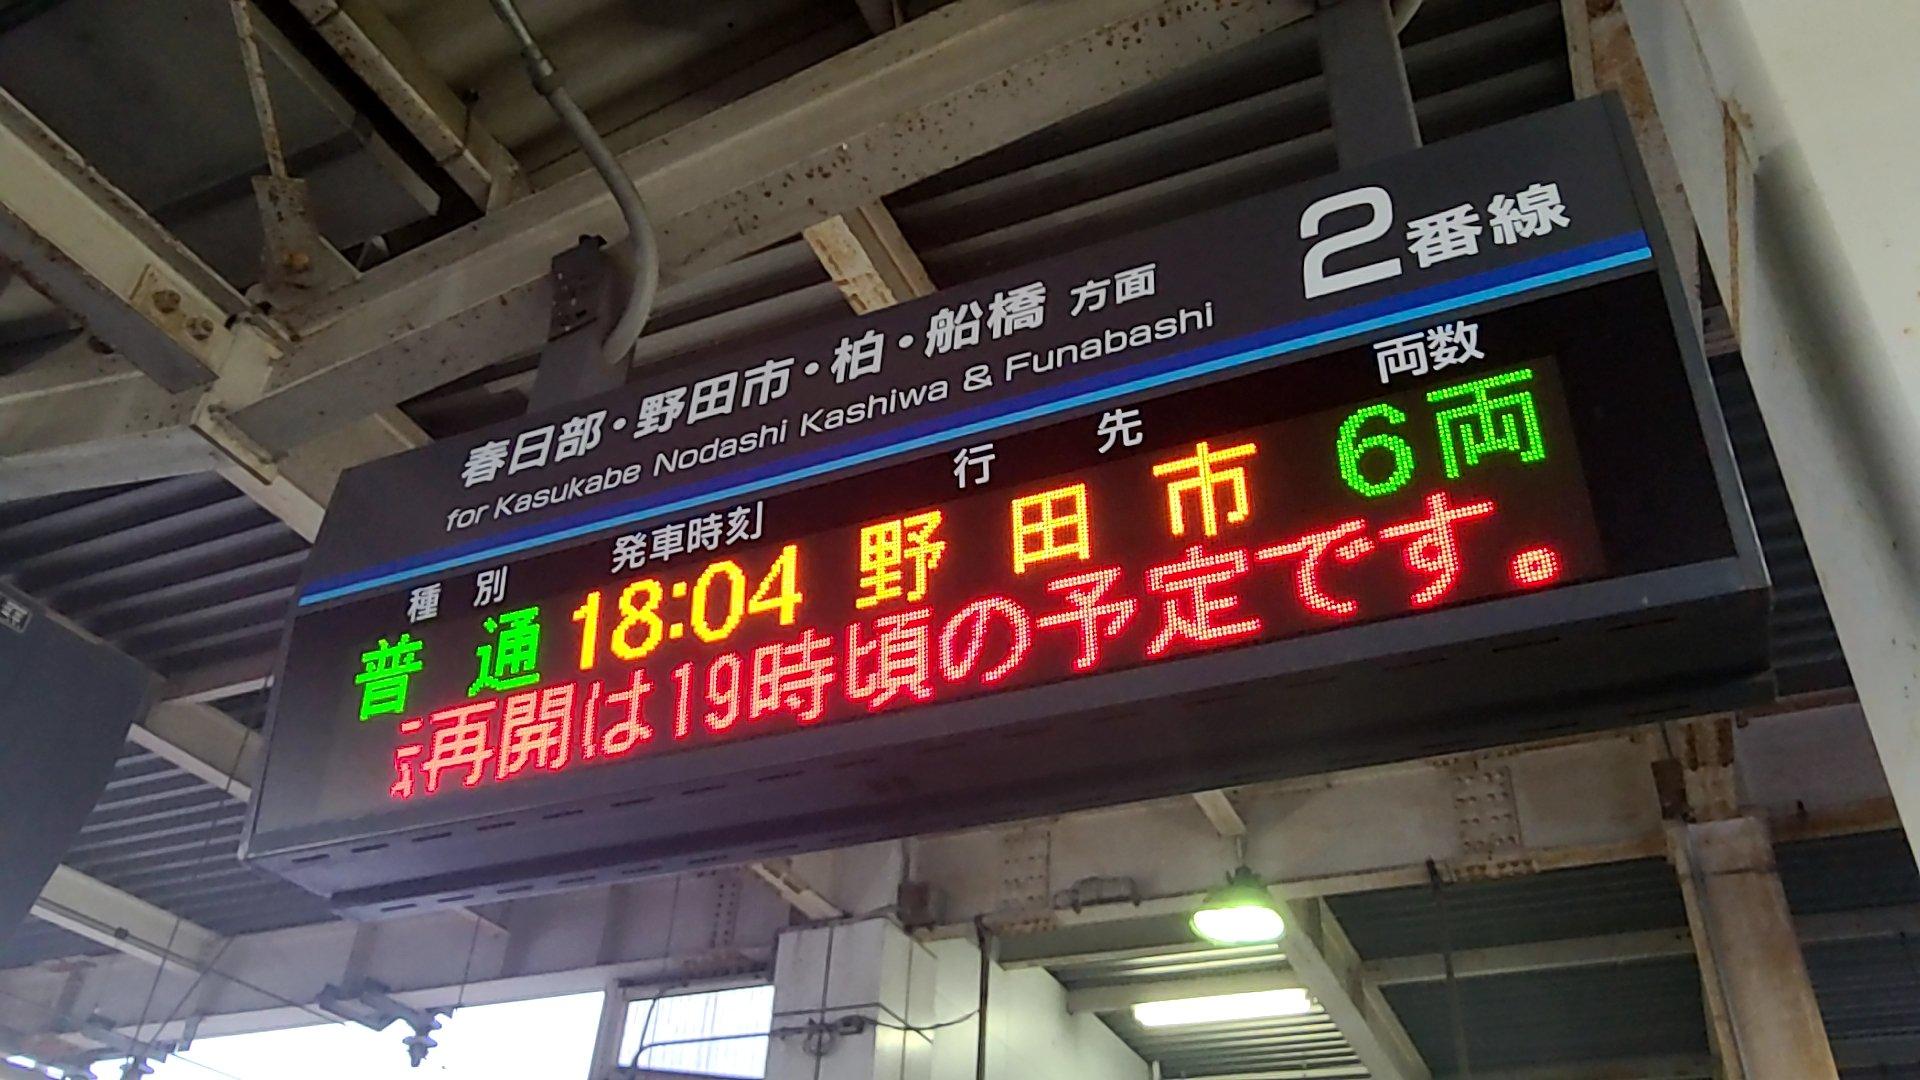 東武アーバンパークラインの運河~江戸川台駅間で人身事故の掲示板の画像